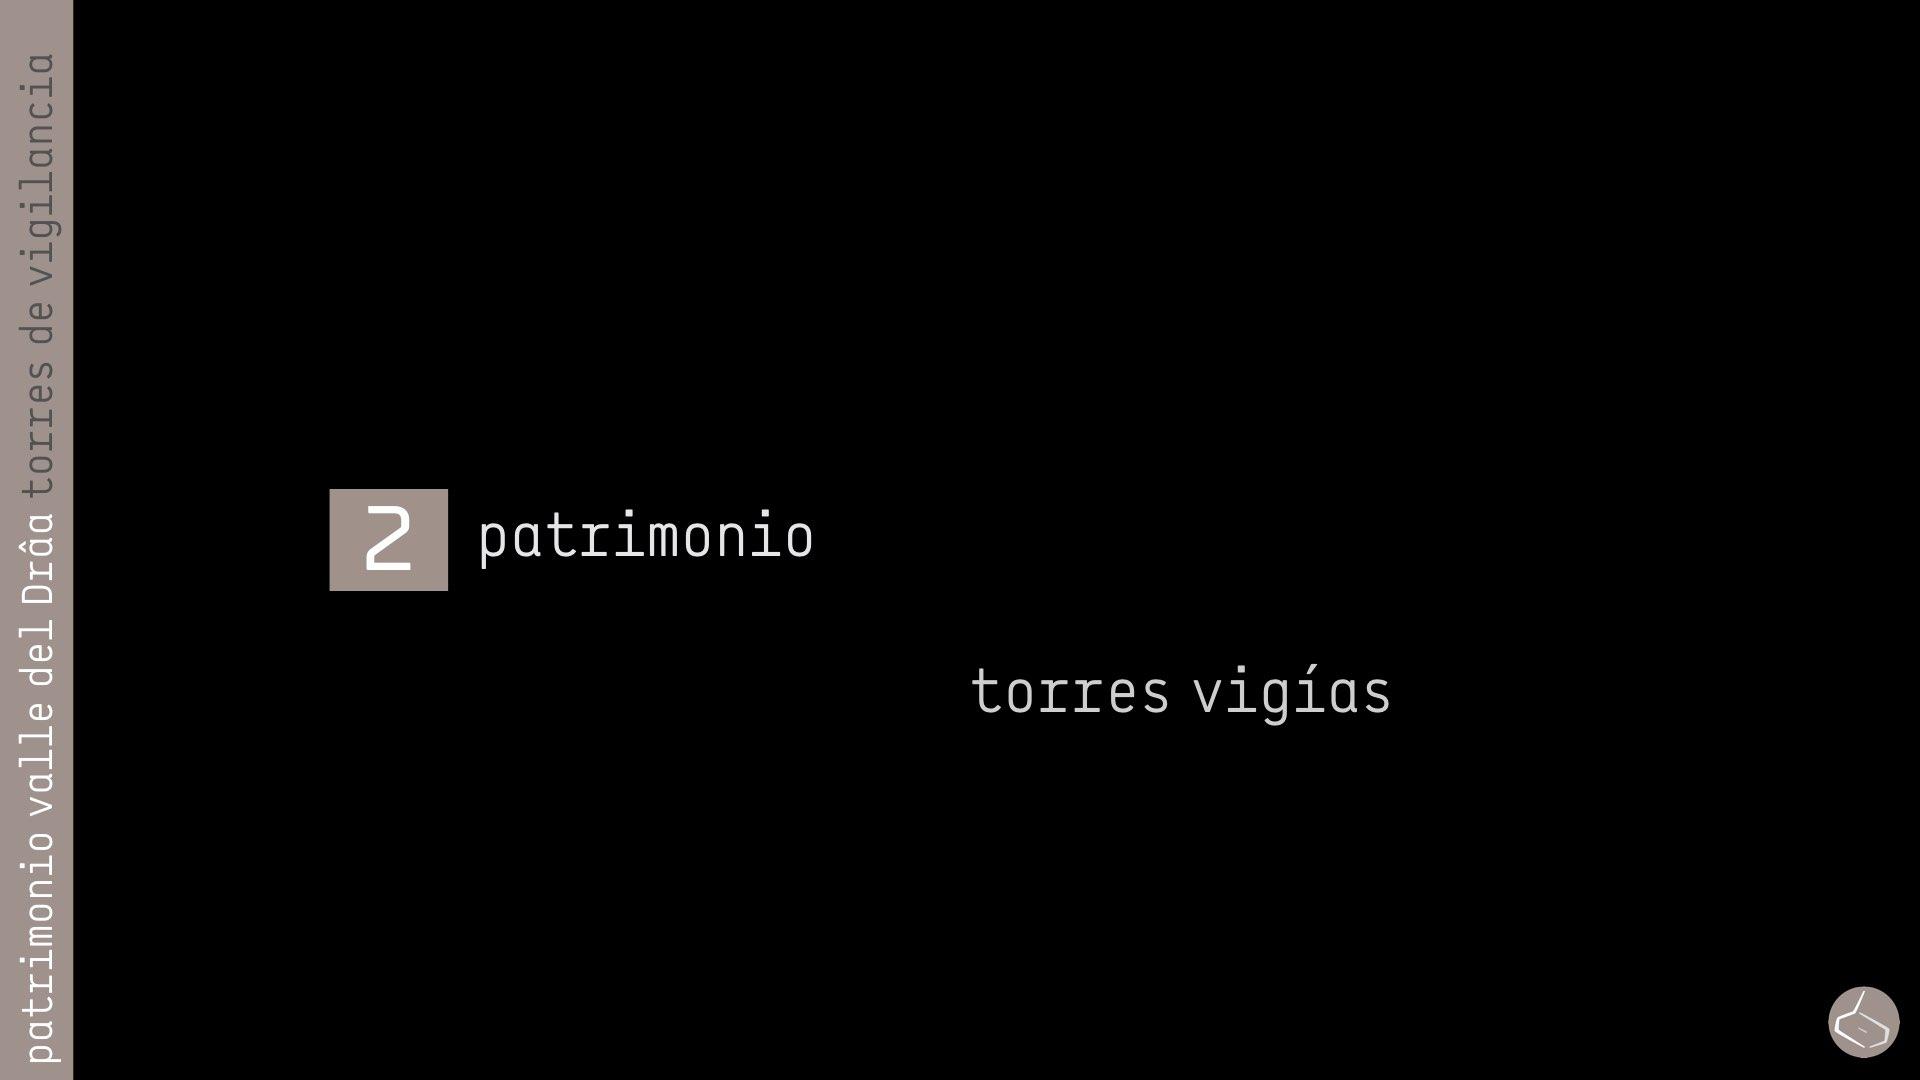 PLANO GUIA PATRIMONIO ZAGORA.170.jpeg